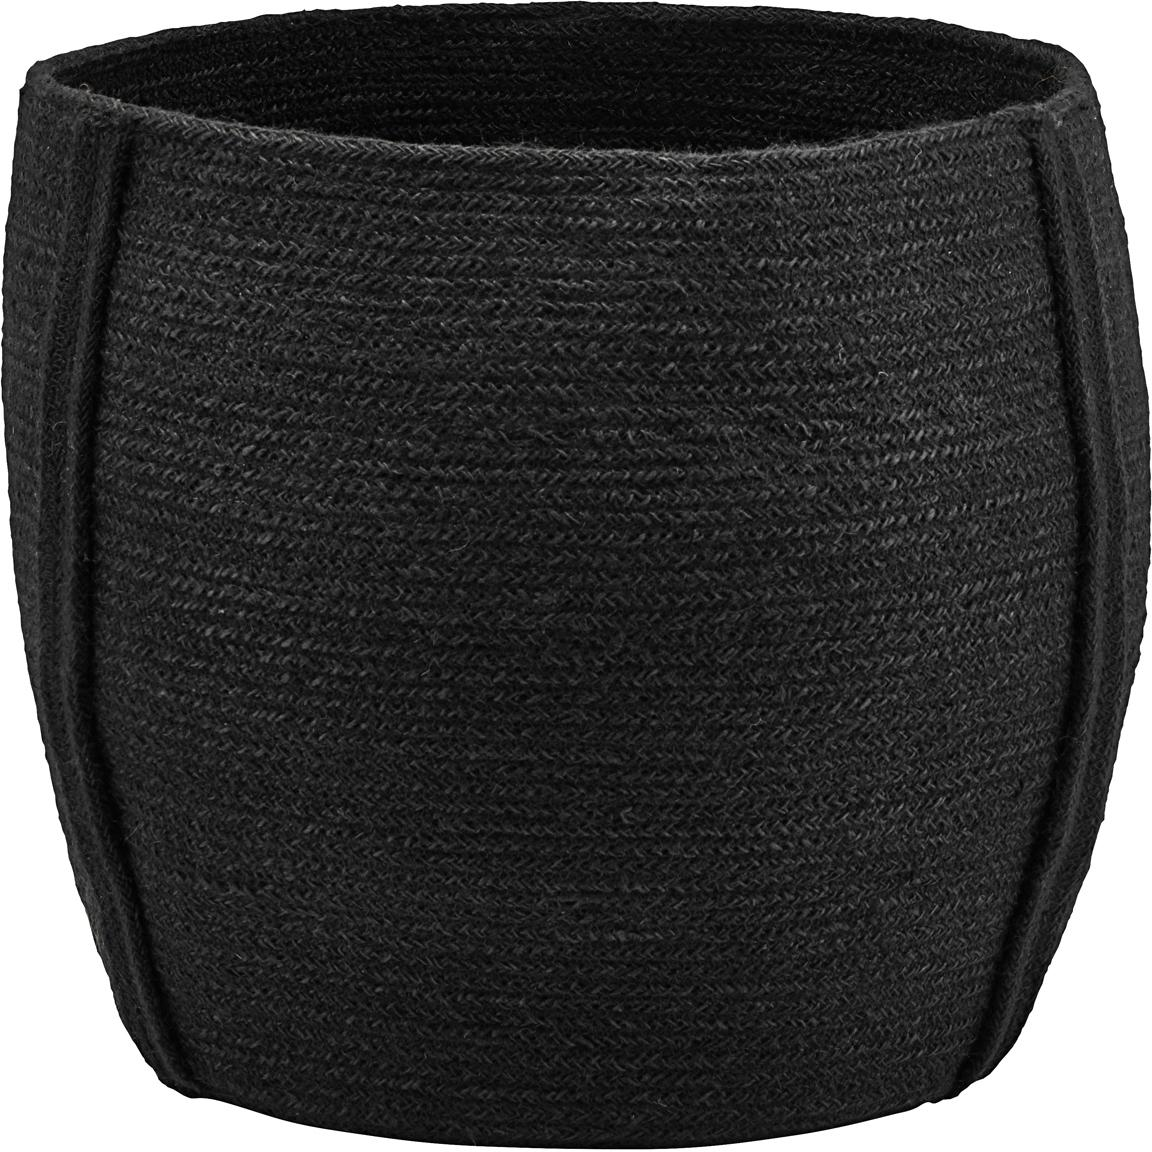 Cesta Drum, Yute, Negro, Ø 40 x Al 35 cm